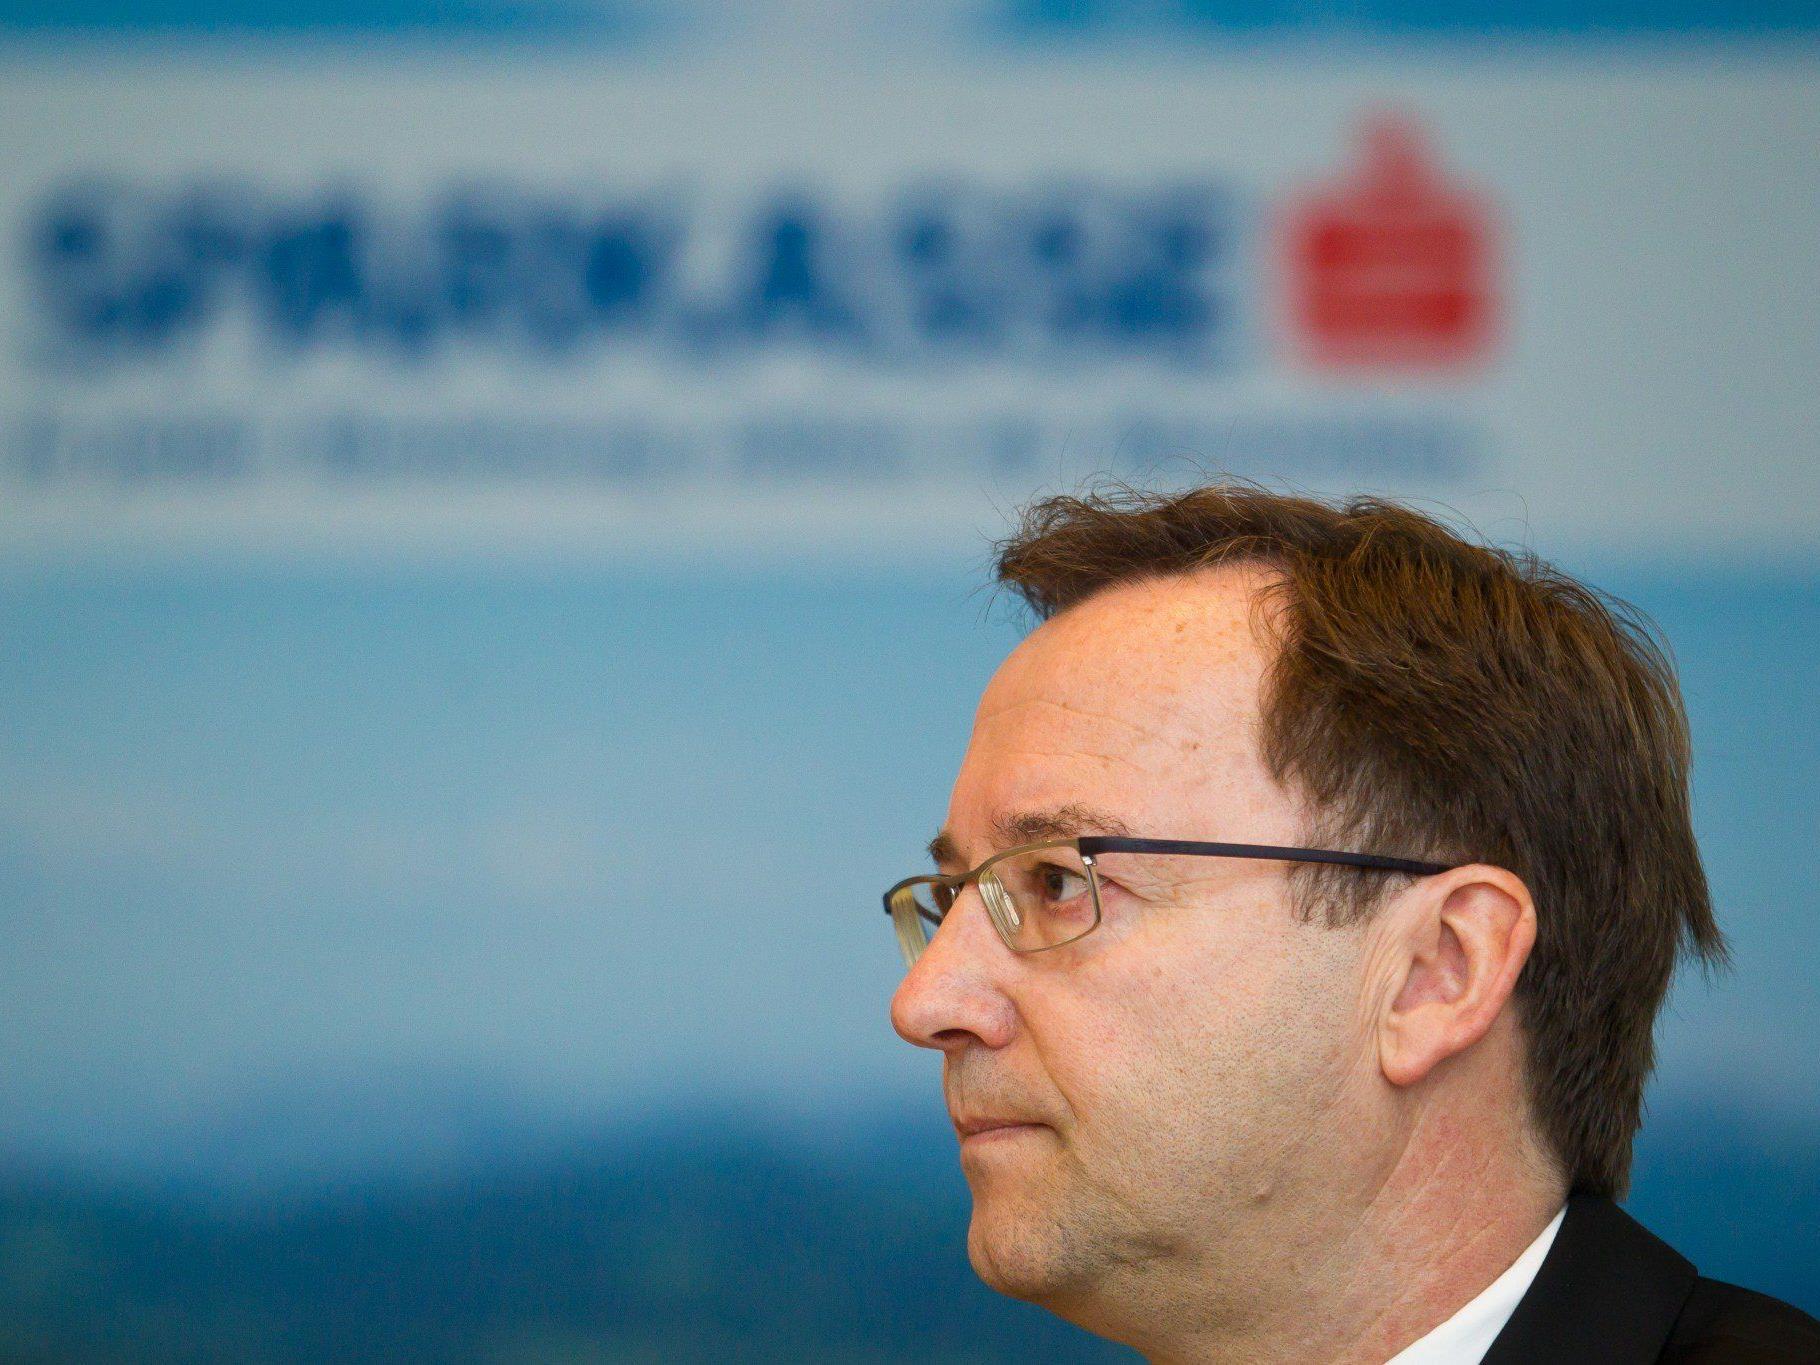 Vorarlberger Sparkassen: Betriebsergebnis sank wegen Sondereffekts um 7,2 Prozent auf 27,8 Mio. Euro. Im Bild: Gruppensprecher Werner Böhler.